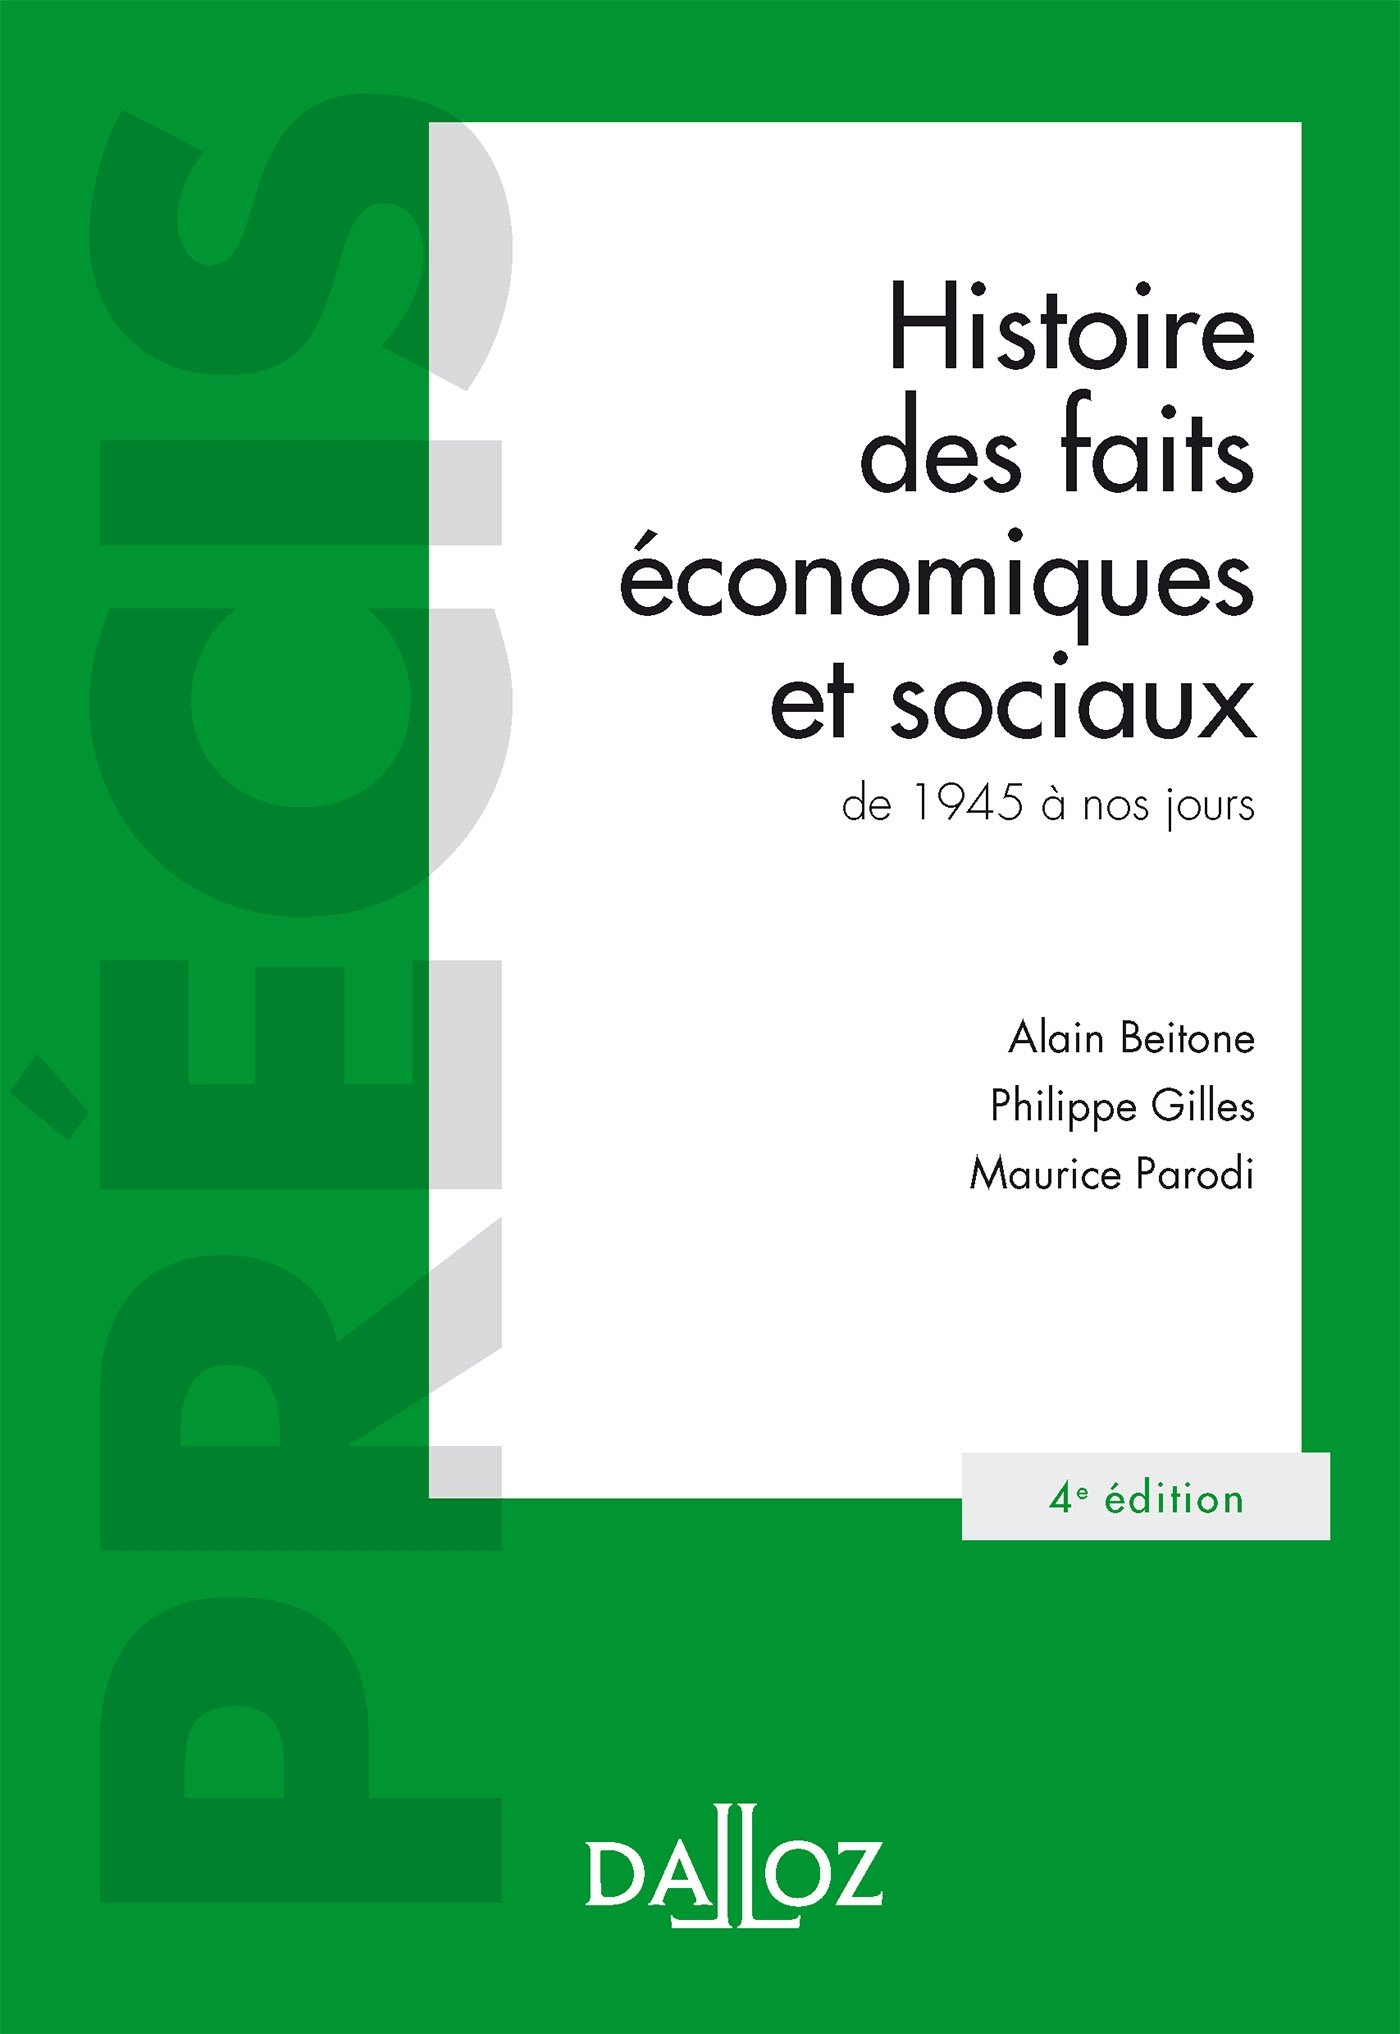 Histoire de lanalyse économique Broché – 15 février 2004 J.-A. Schumpeter  Gallimard d5a6c94565c1